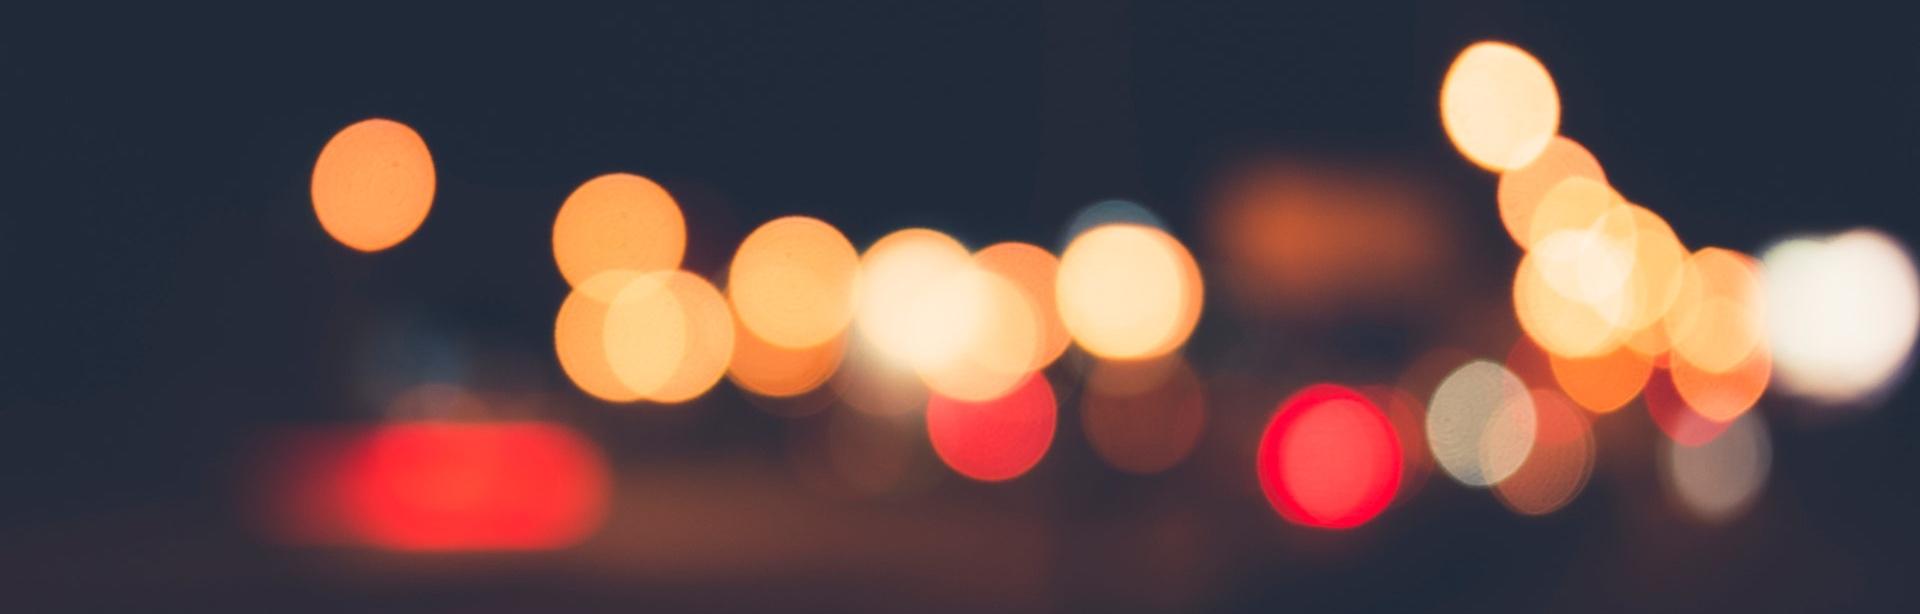 blur-dark-lights-8395.jpg